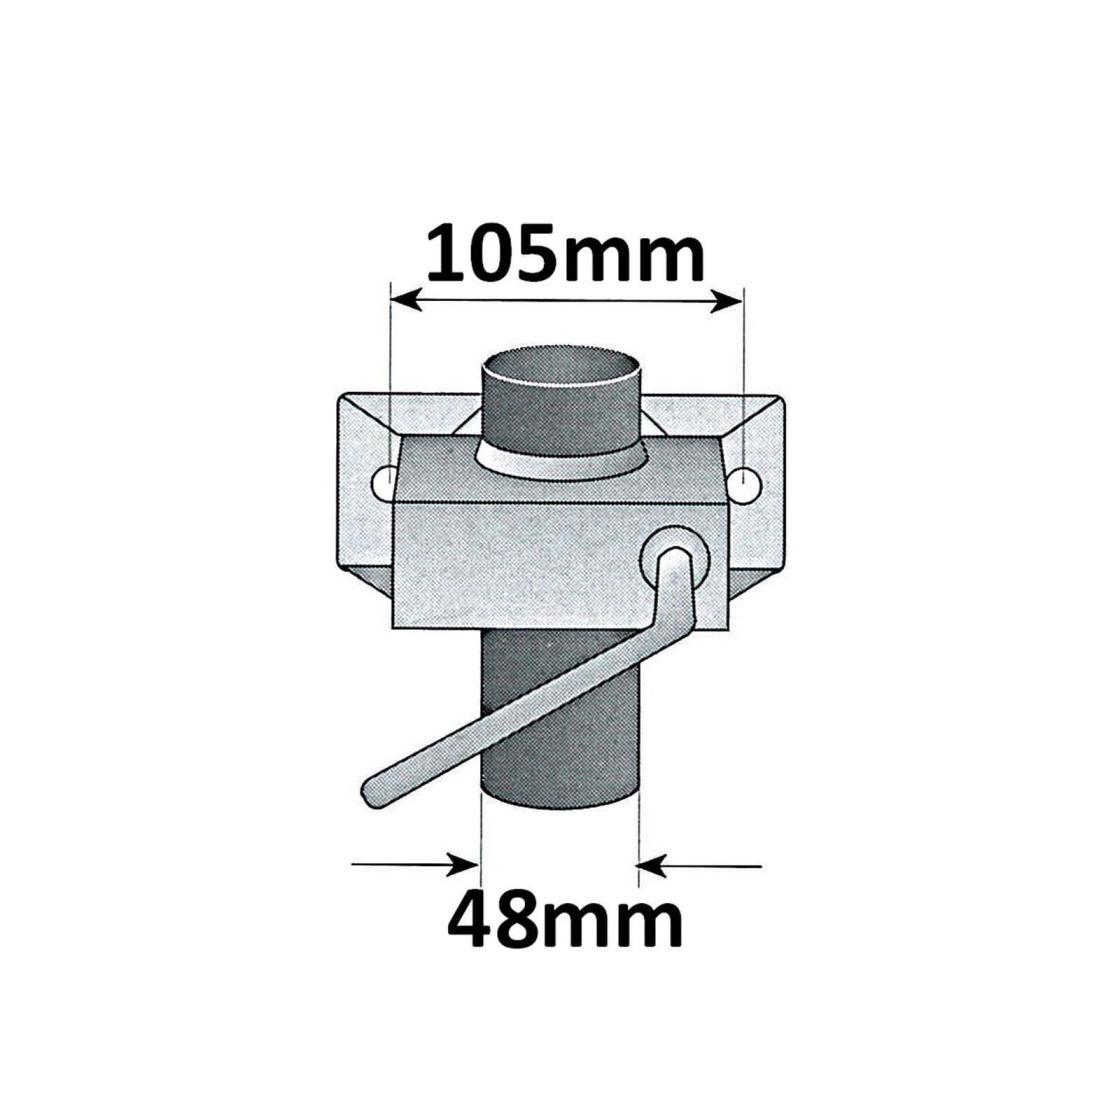 klemmhalter geeignet f r st tzr der st tzf e rohr von 48mm 2 75. Black Bedroom Furniture Sets. Home Design Ideas